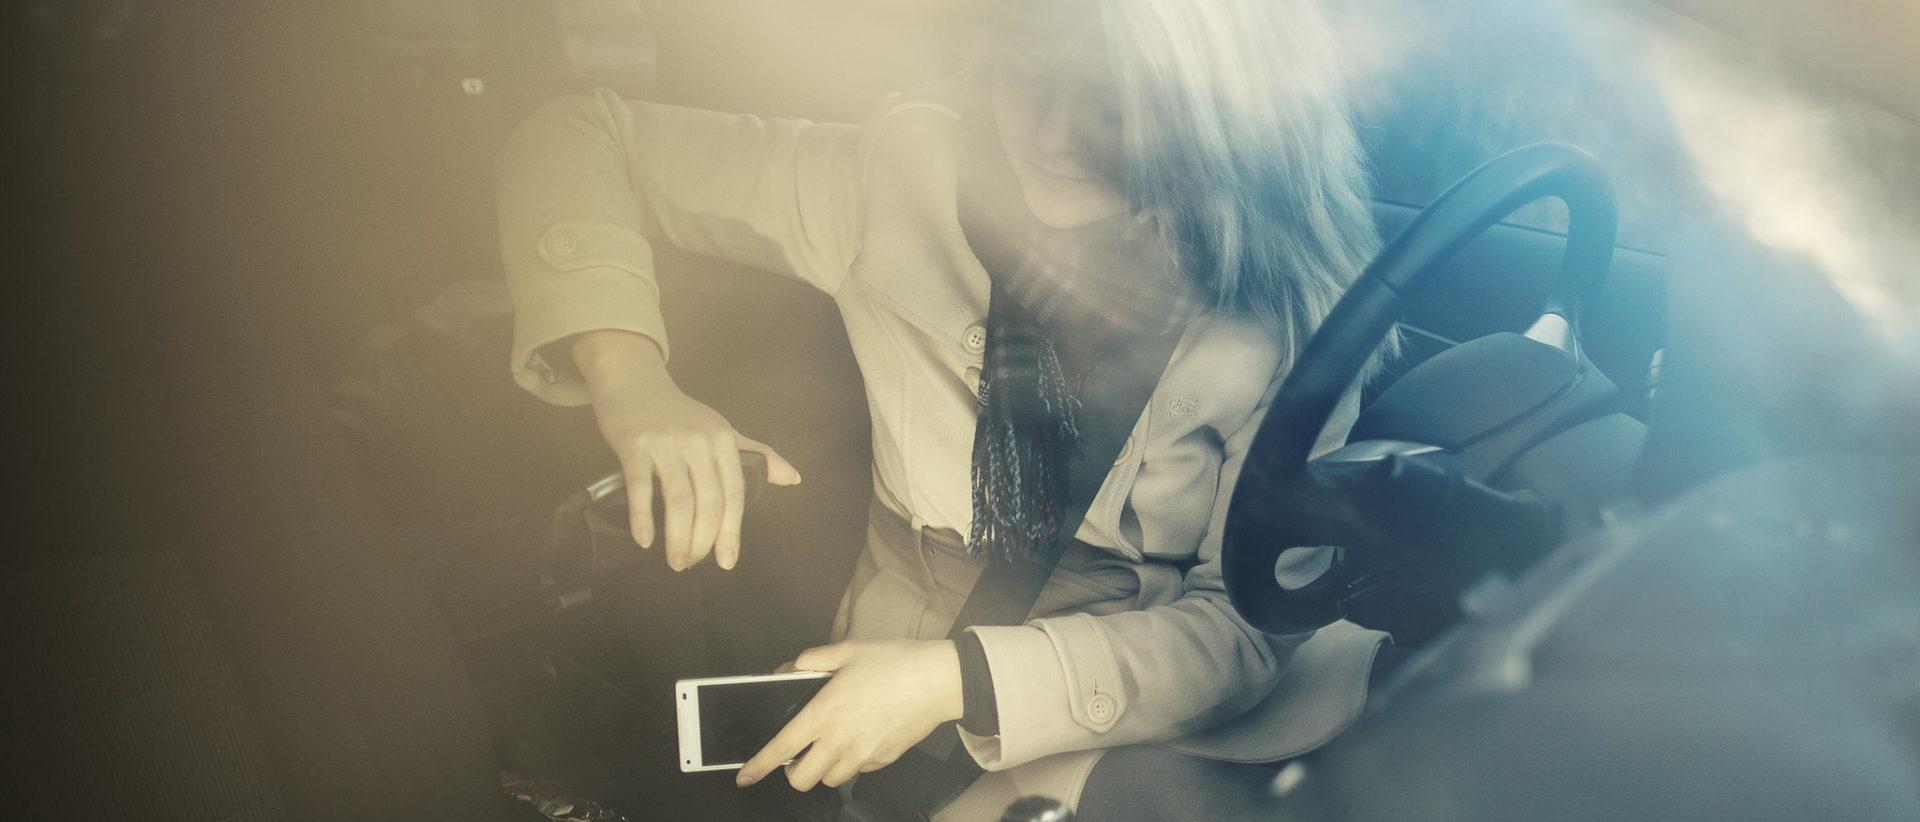 Kuvassa autoilija laittaa kännykän pois ajon ajaksi